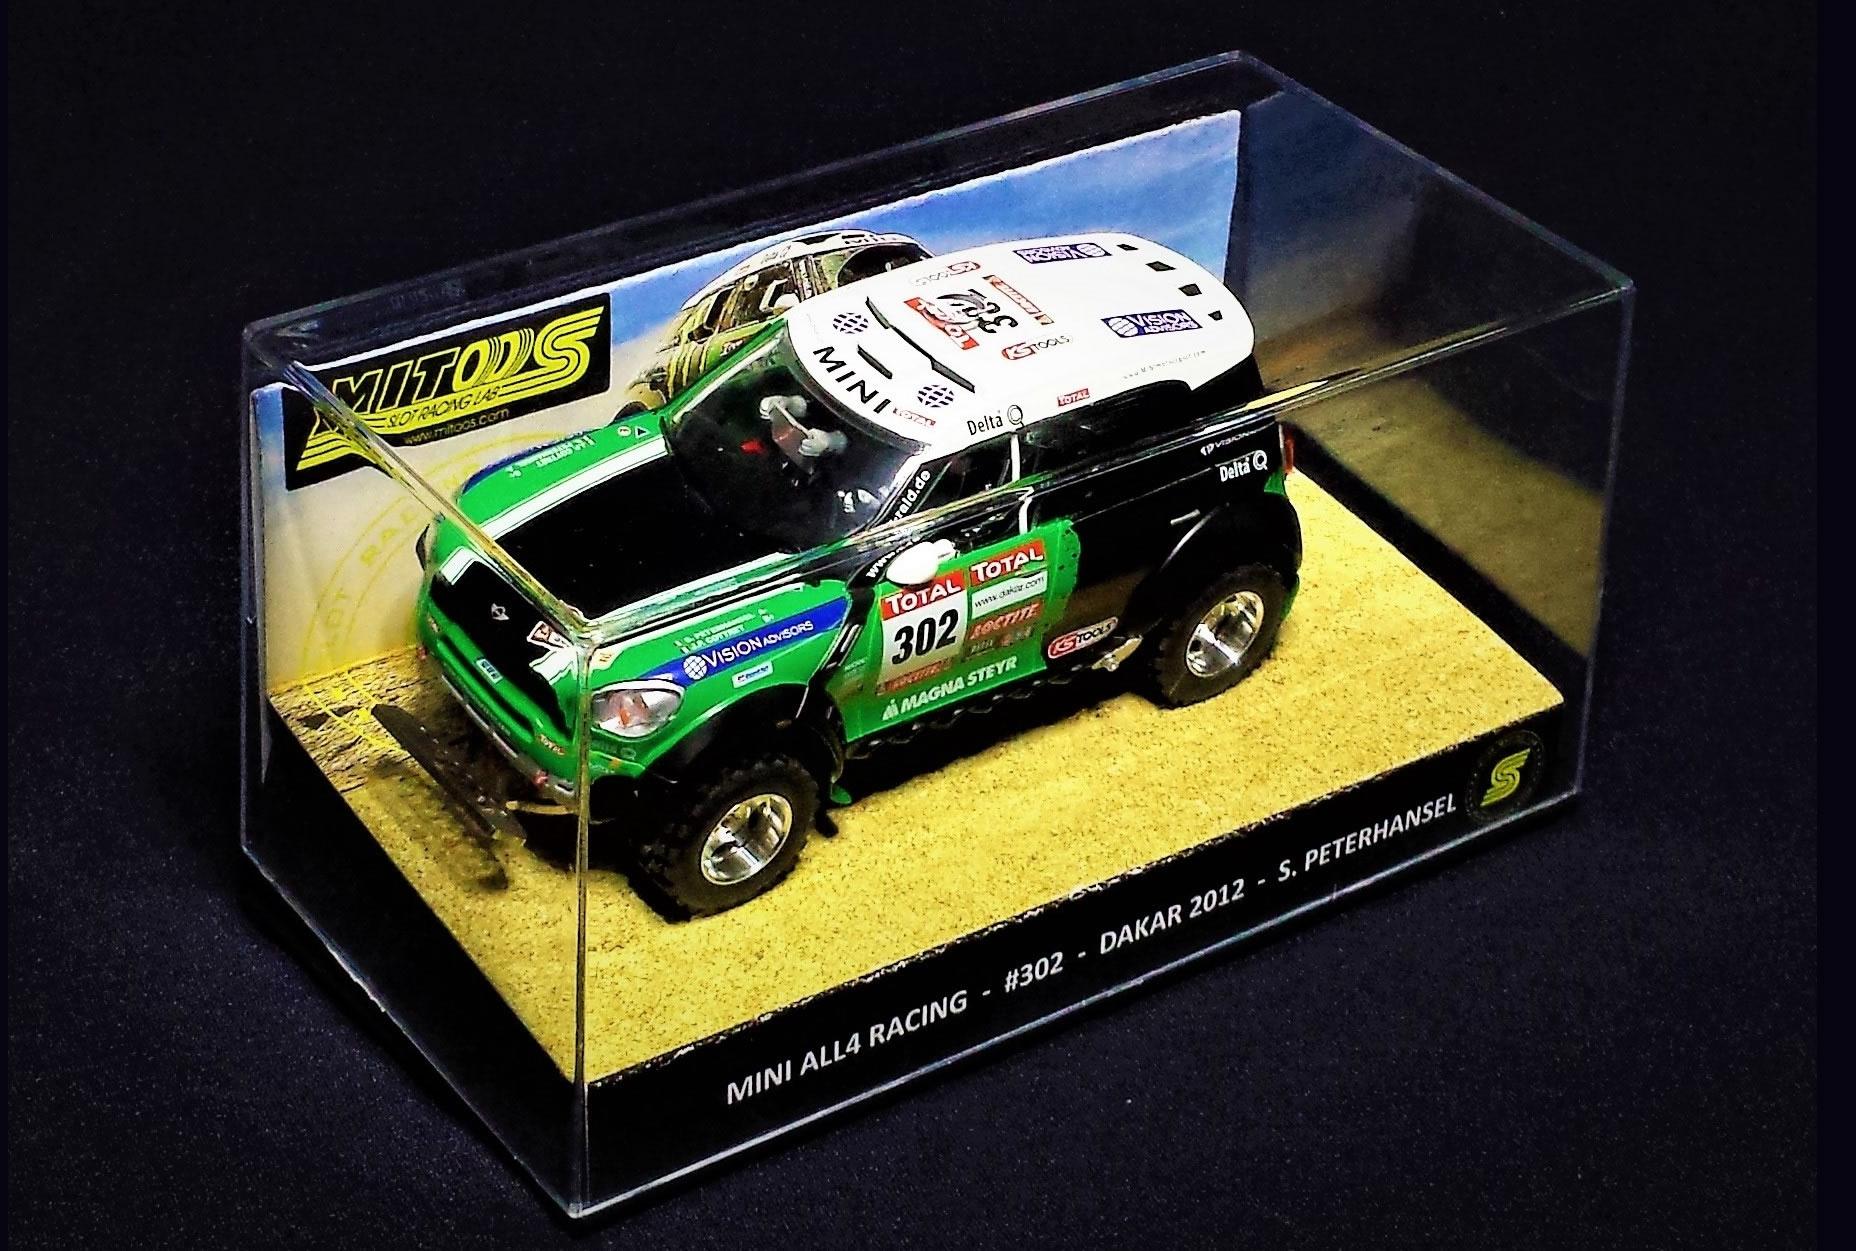 M801 - Mini All4 Racing – #302 – DAKAR 2012 – Peterhansel